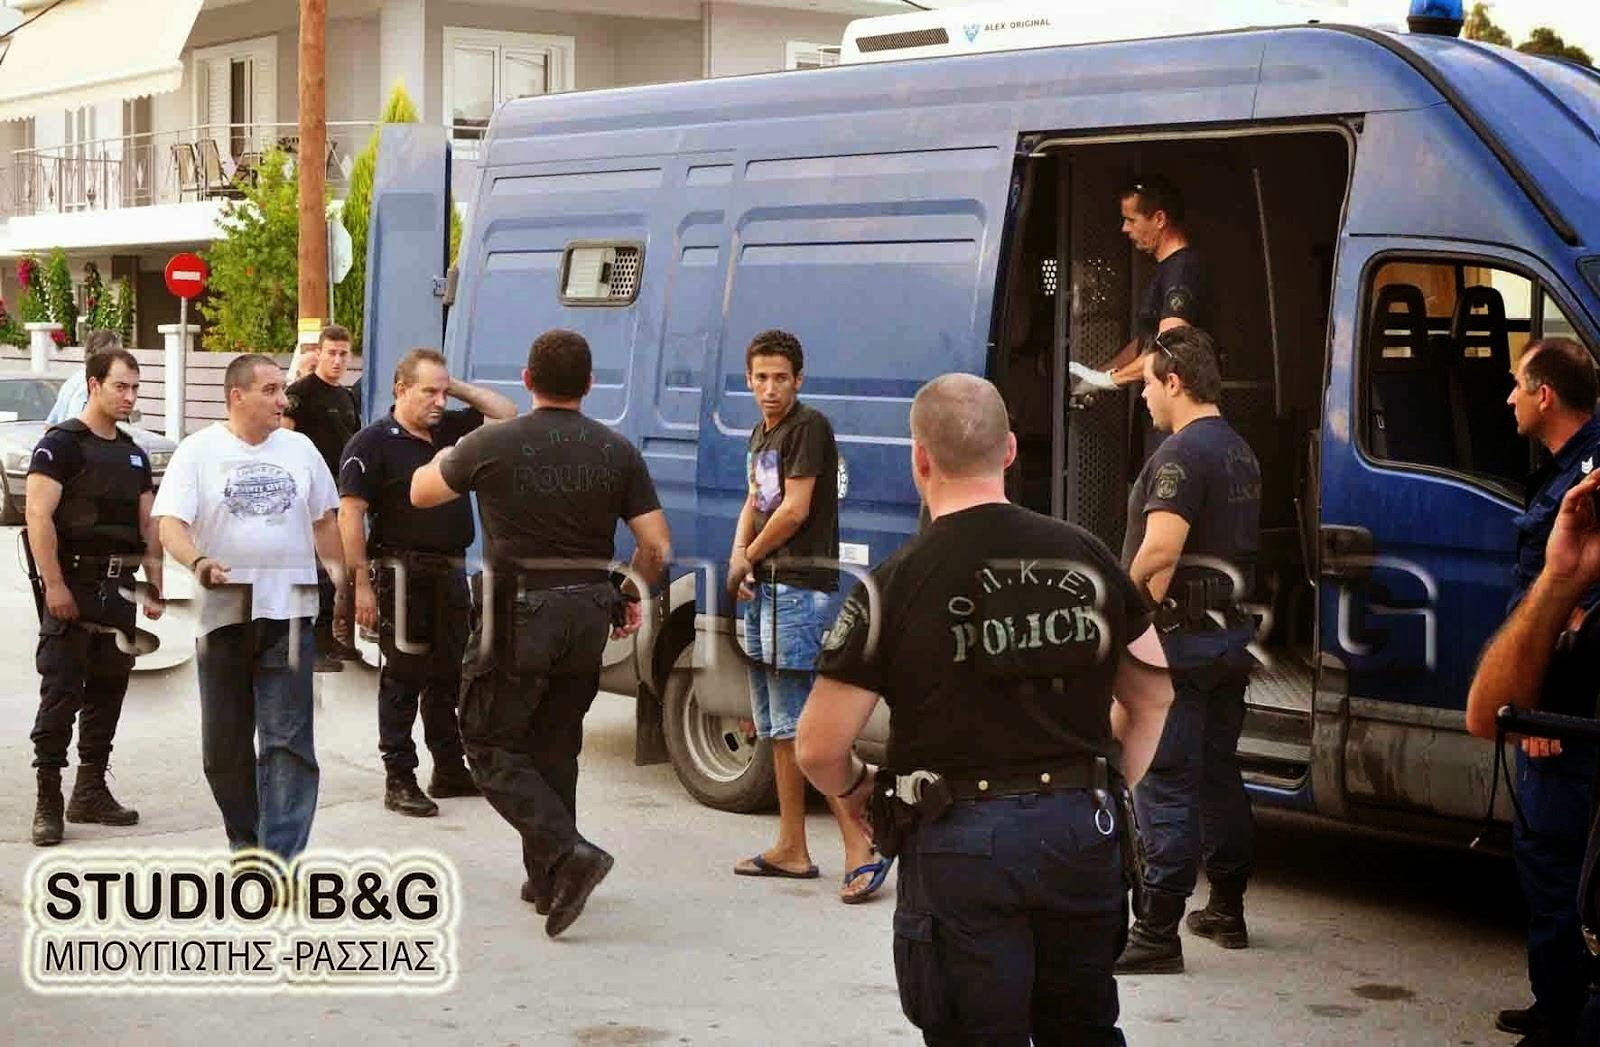 Συνελλήφθησαν 18 ἀλλοδαποί καί ἕνας Ἕλληνας στή Νεμέα